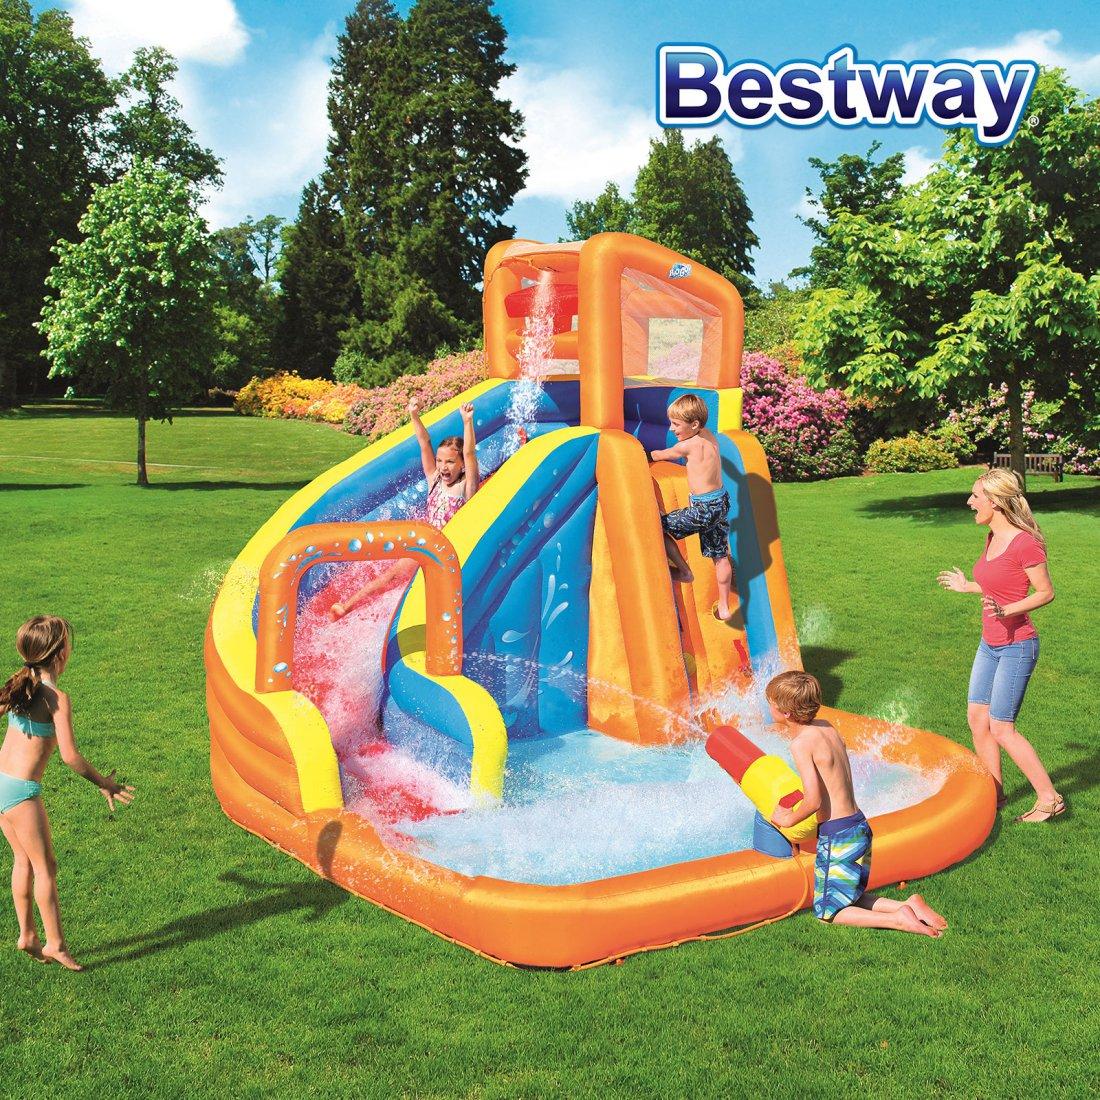 Bestway Water Park Lagoon - Turbo Splash Water Zone - Mega Fun Kids Pool Slide